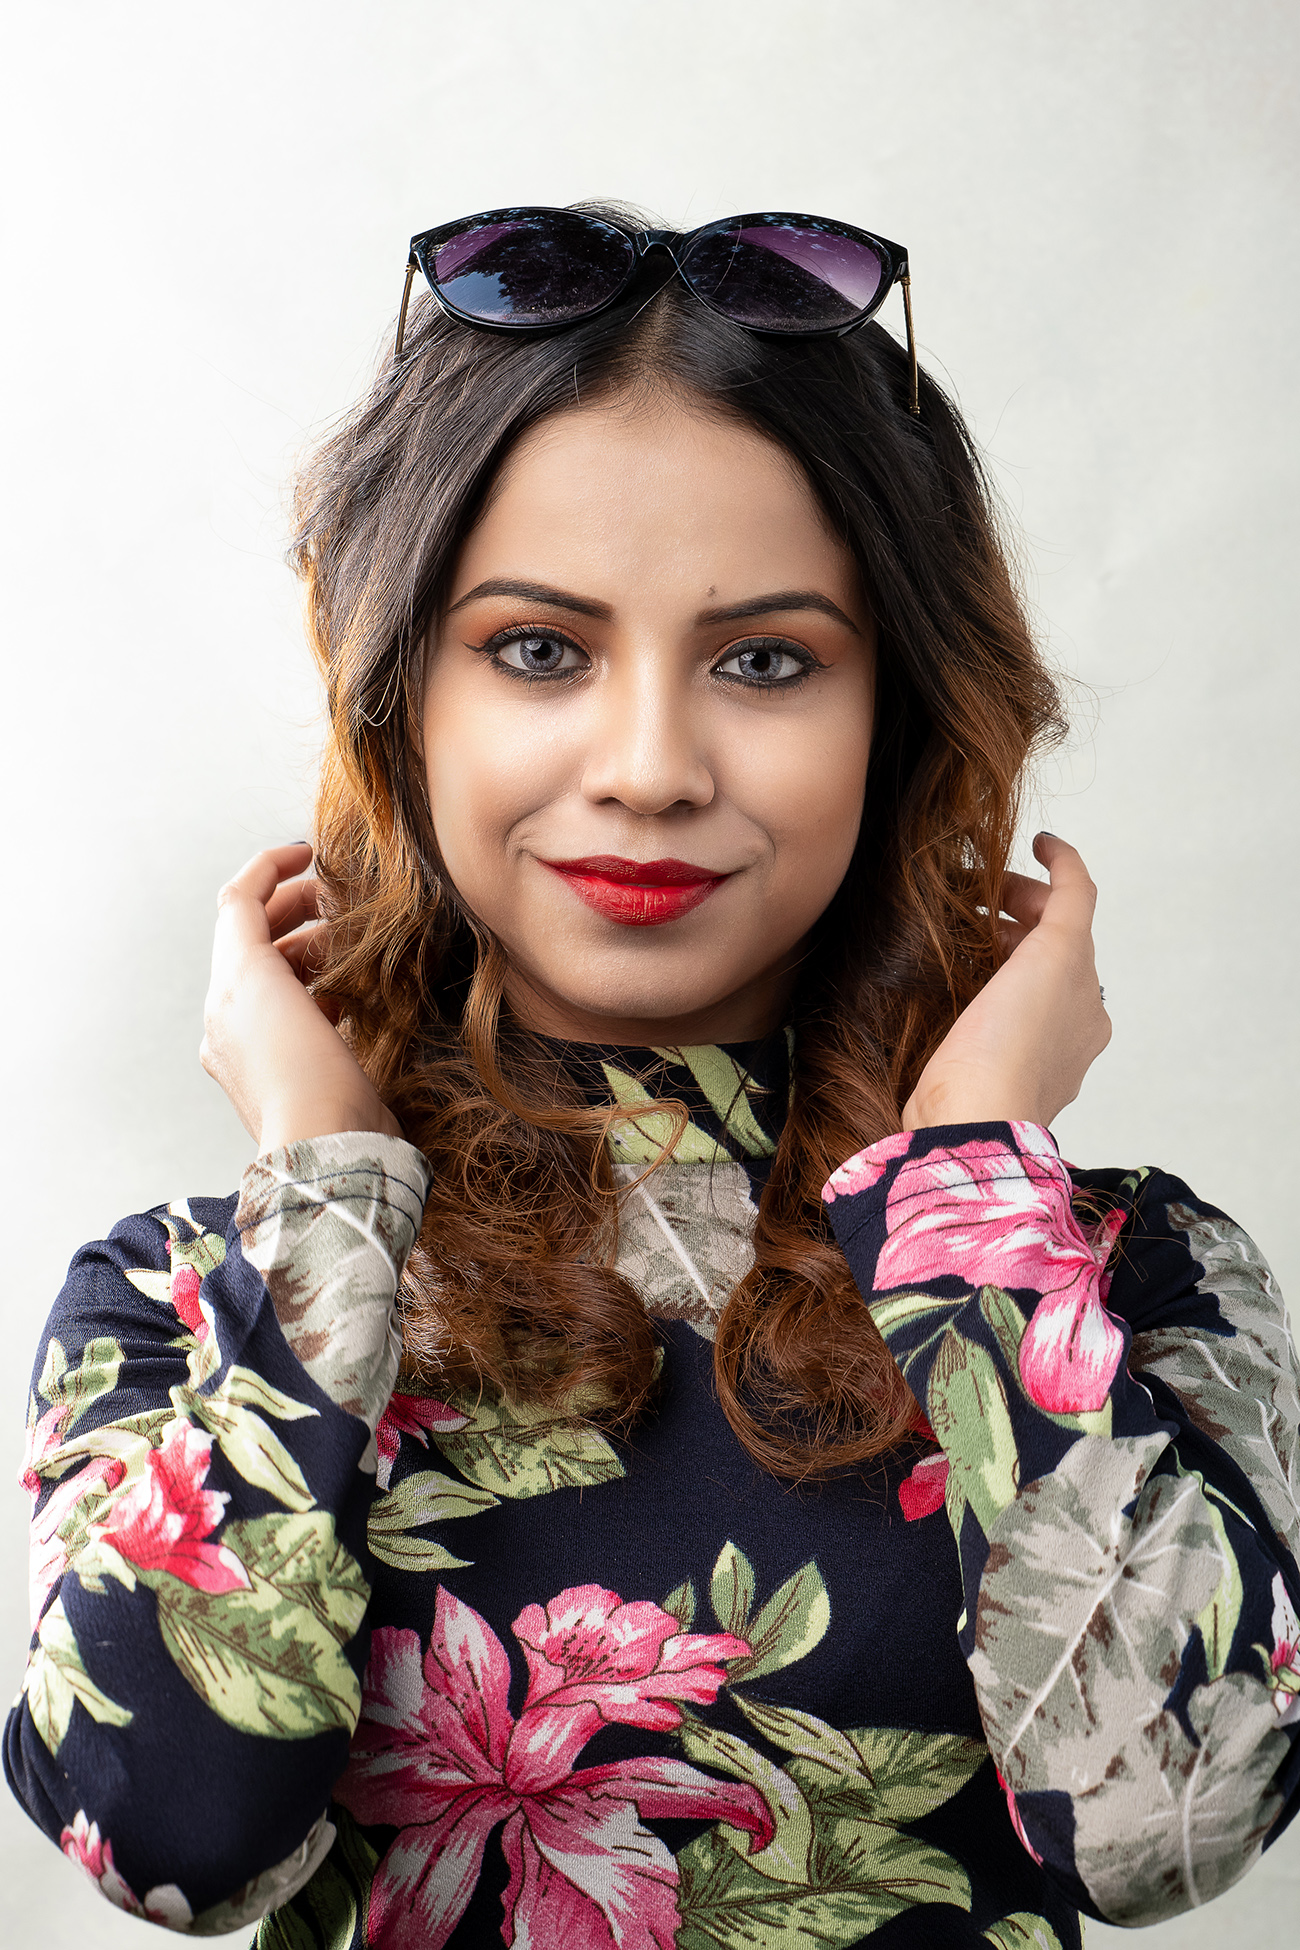 Neeta-Shankar-Photography-Modeling-Portrait-Shoots-Bangalore